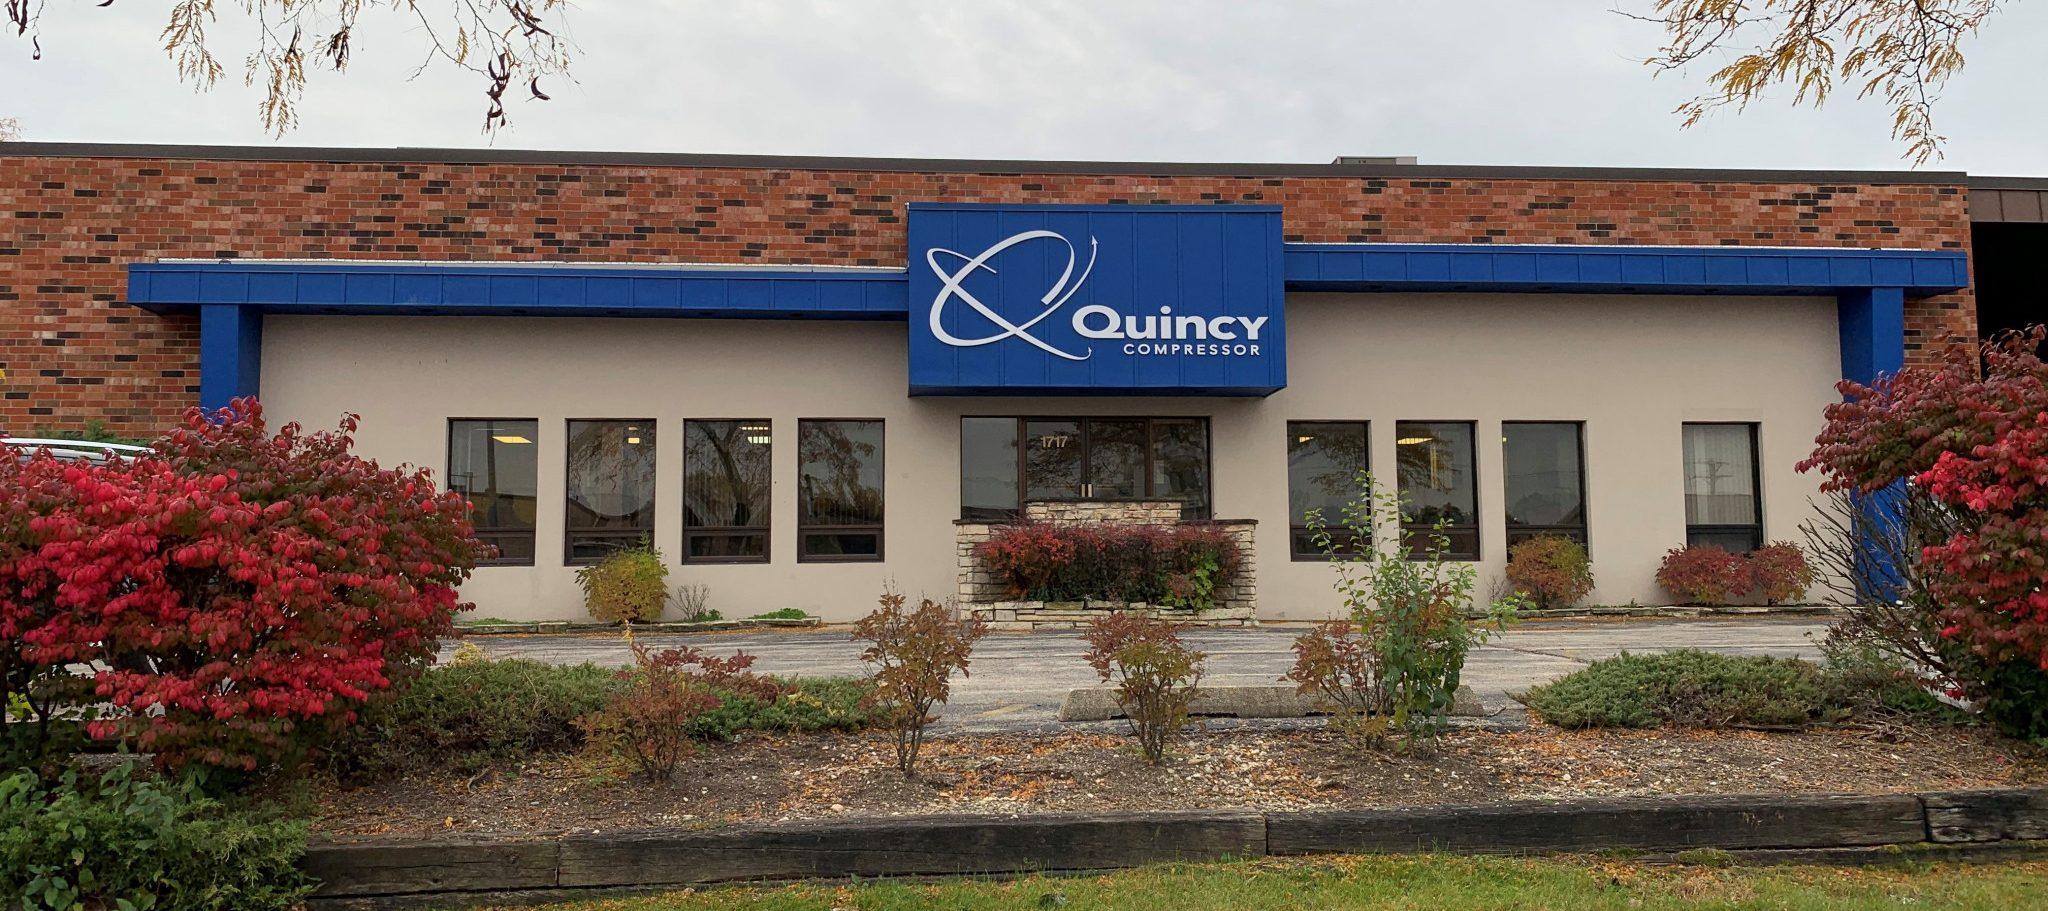 Quincy Compressor Building in Addison, IL